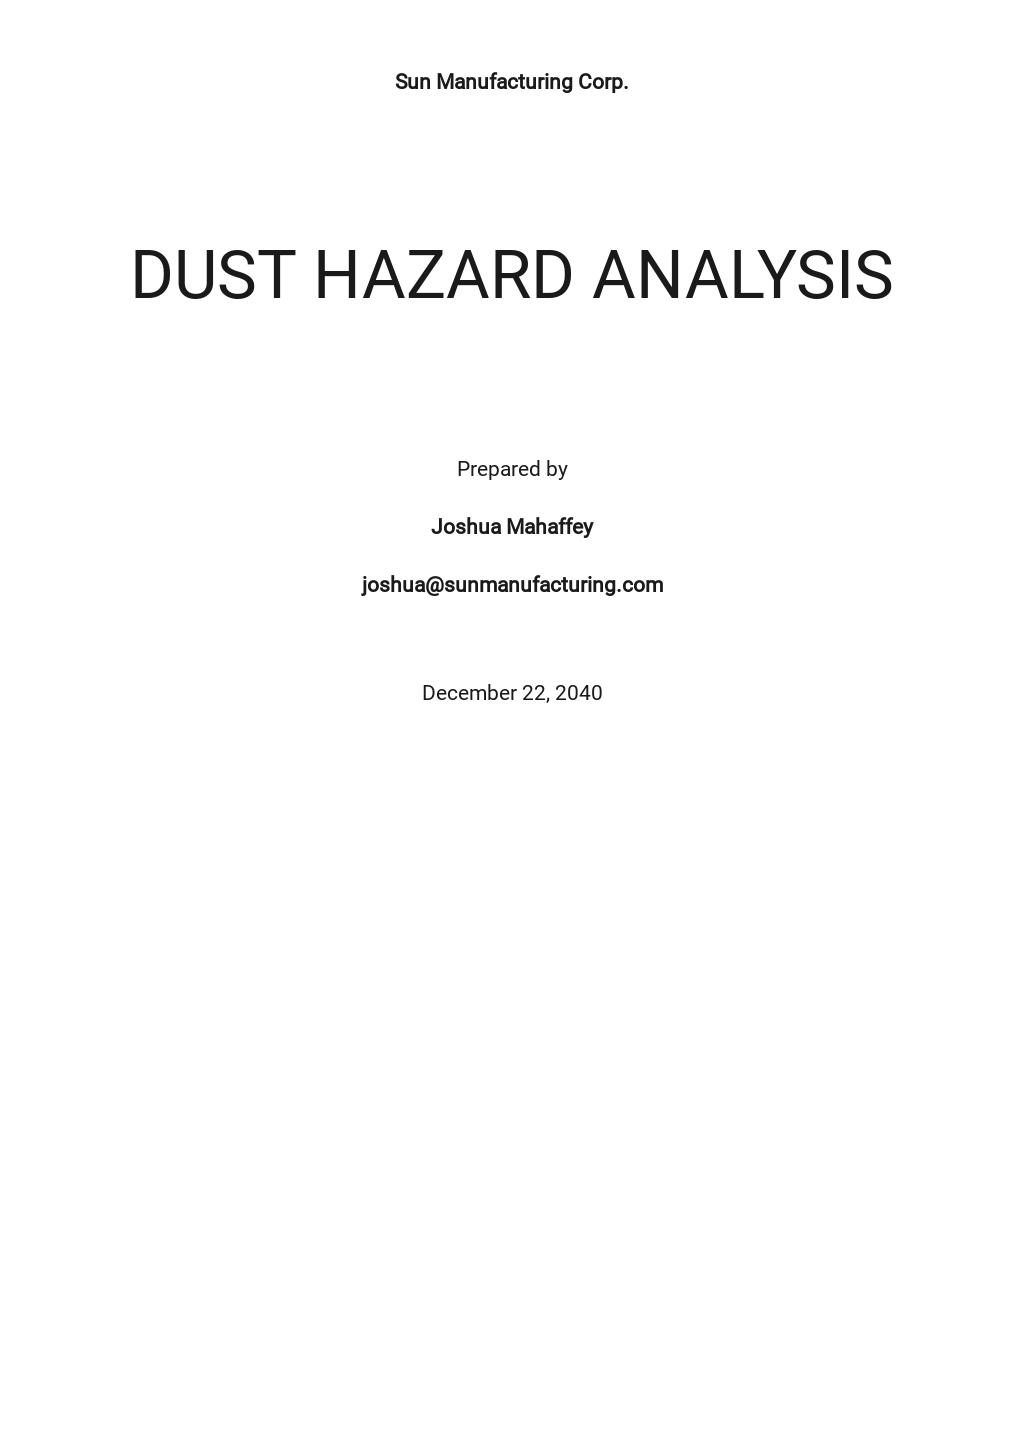 Dust Hazard Analysis Template.jpe